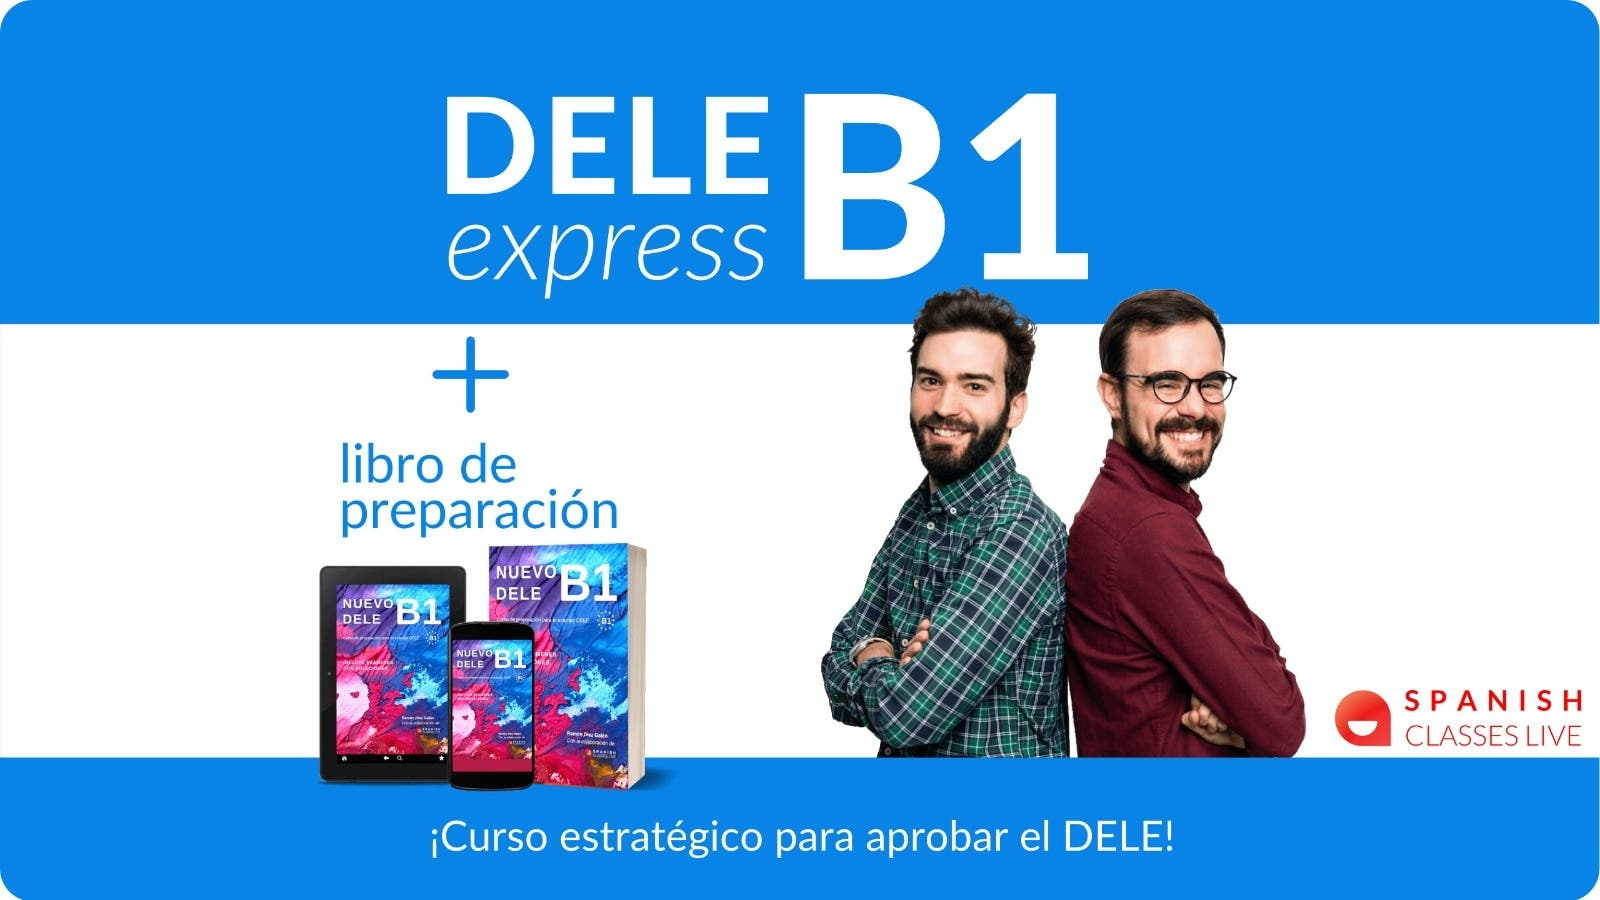 DELE express B1 + Nuevo Libro de preparación 2021